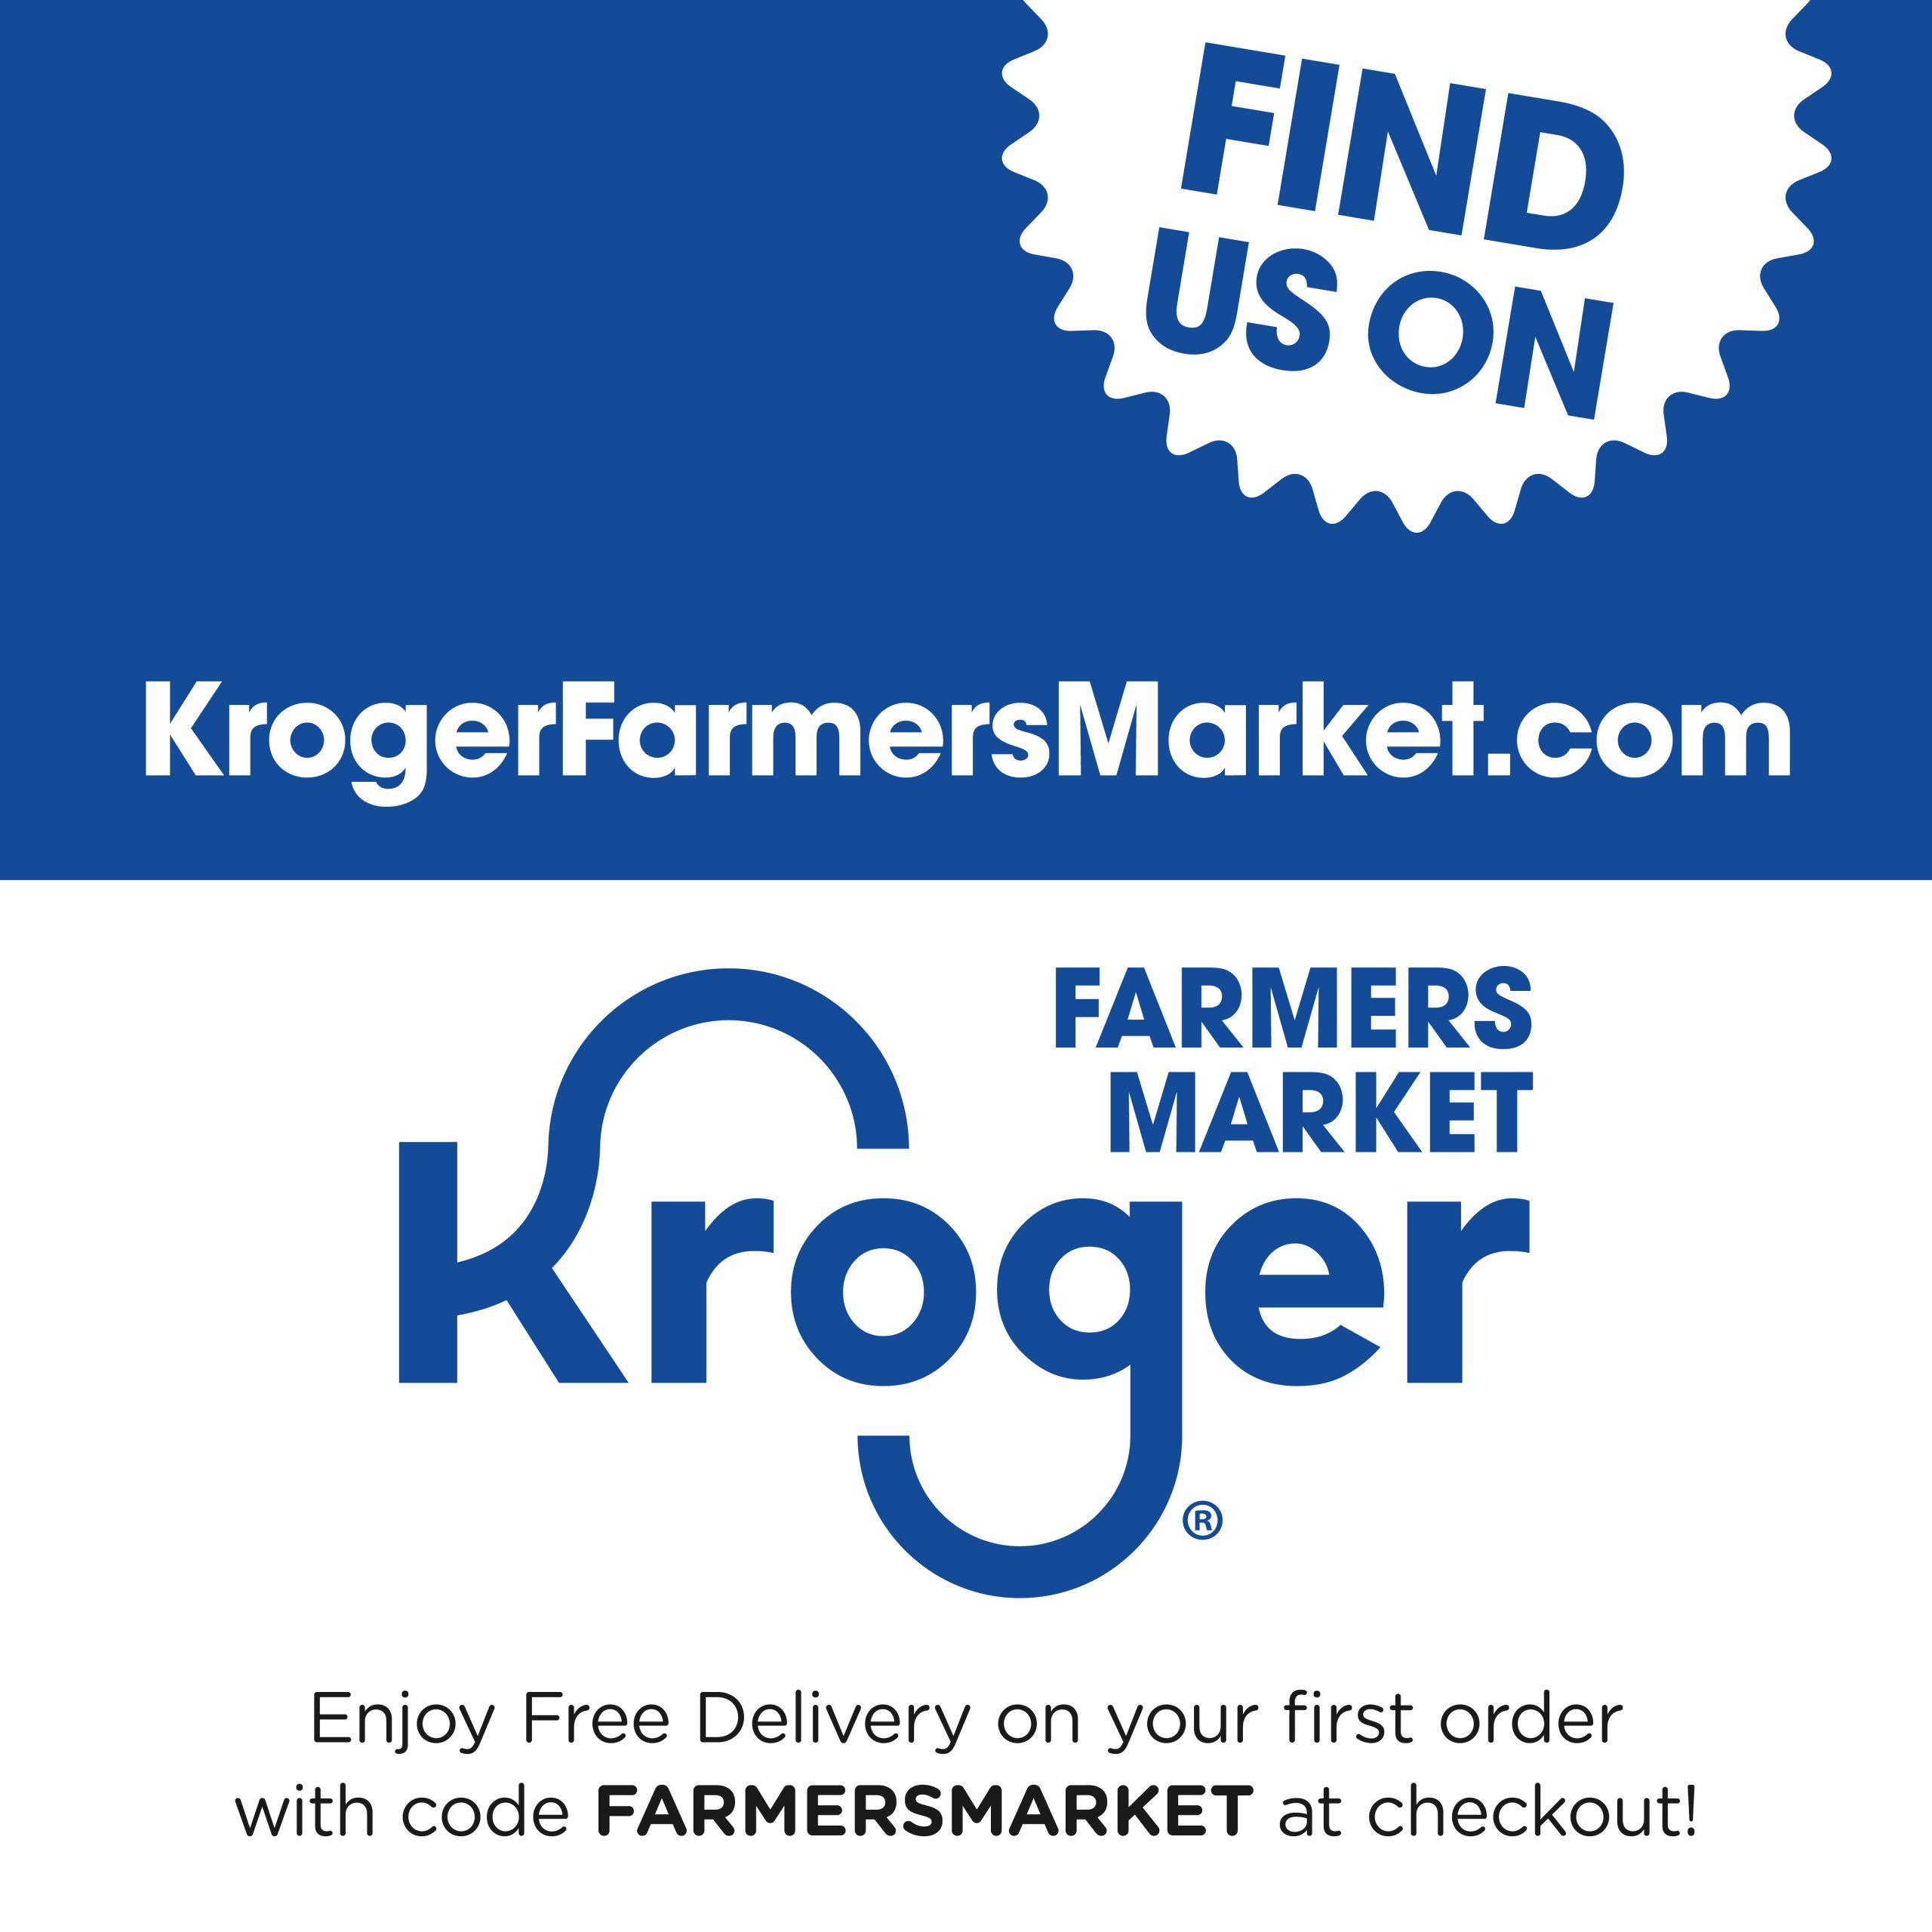 Find EstoEtno on Kroger Farmers Market